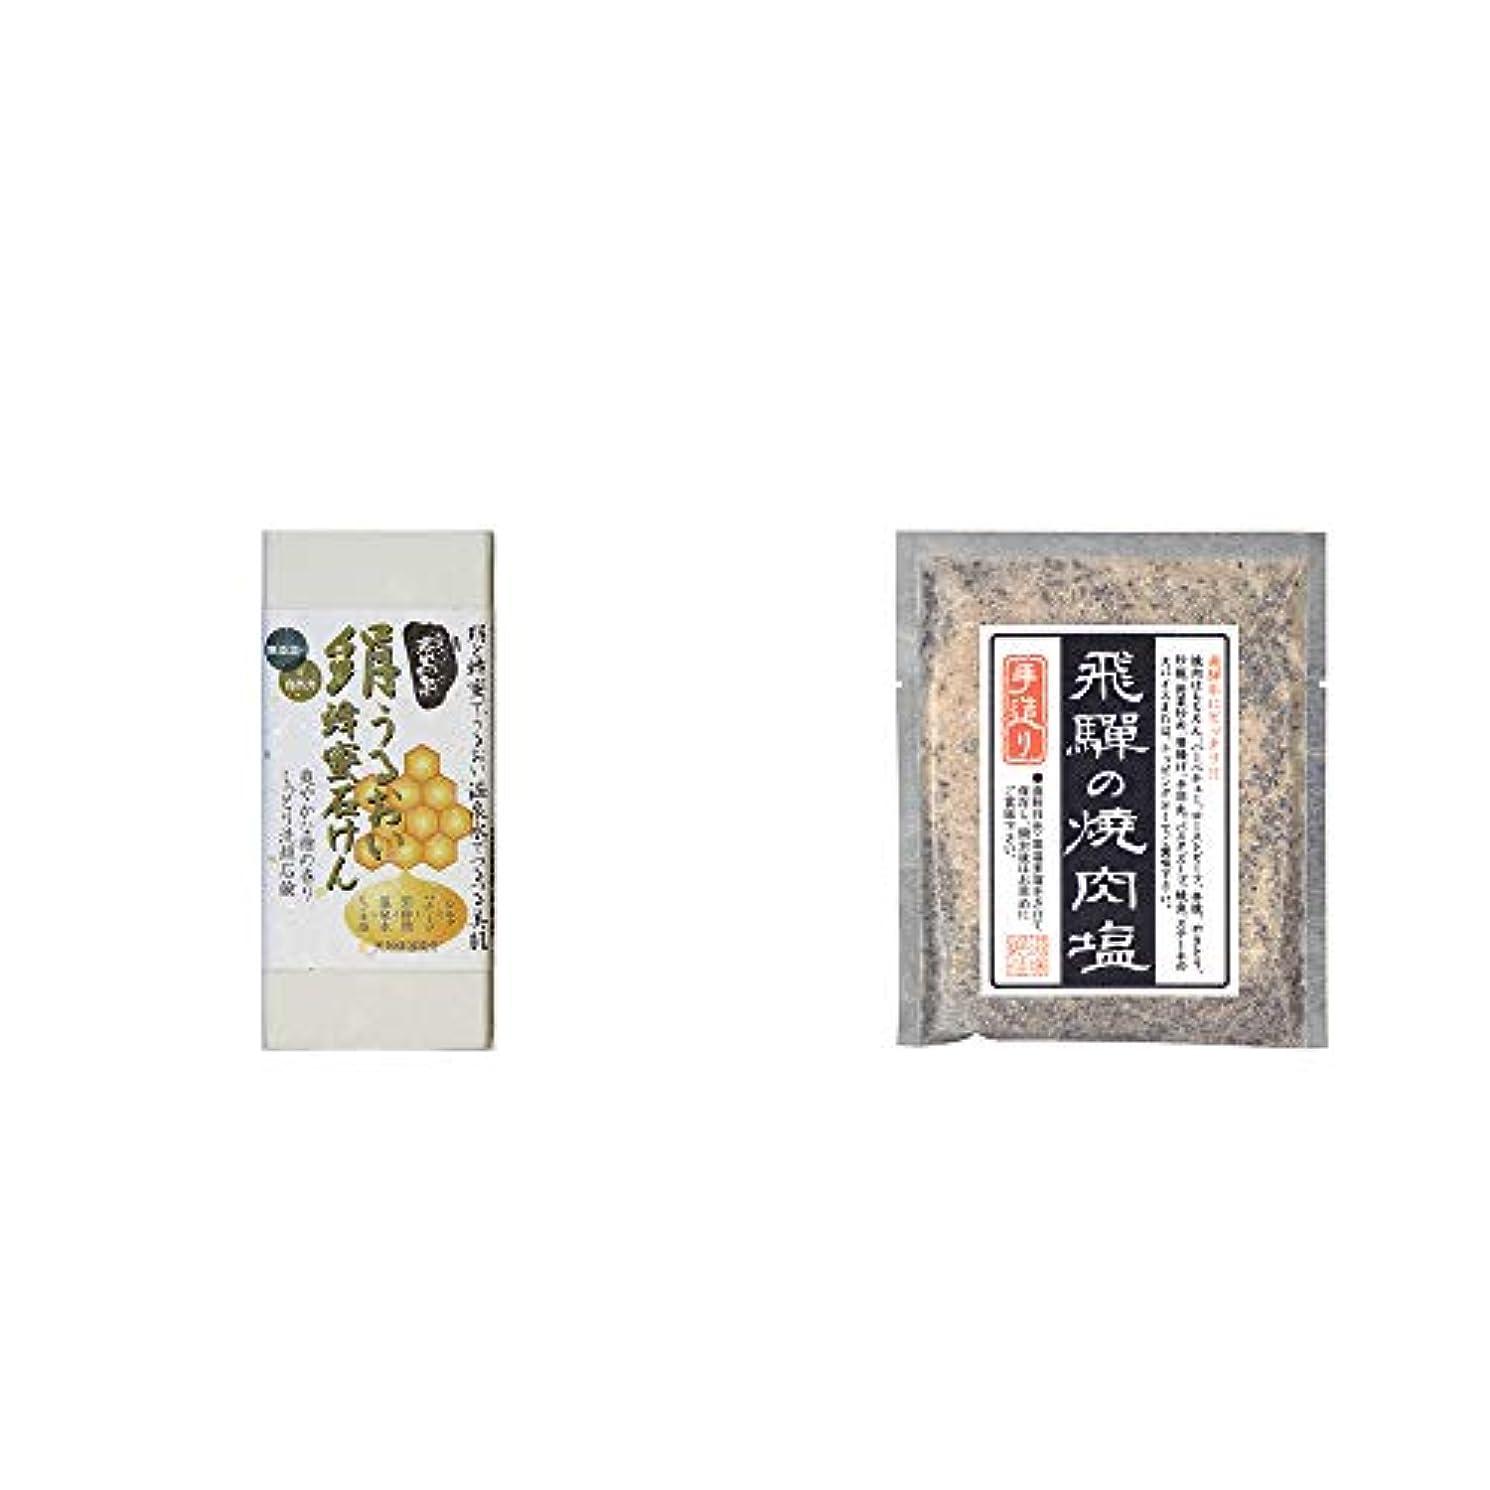 水分文明化フローティング[2点セット] ひのき炭黒泉 絹うるおい蜂蜜石けん(75g×2)?手造り 飛騨の焼肉塩(80g)